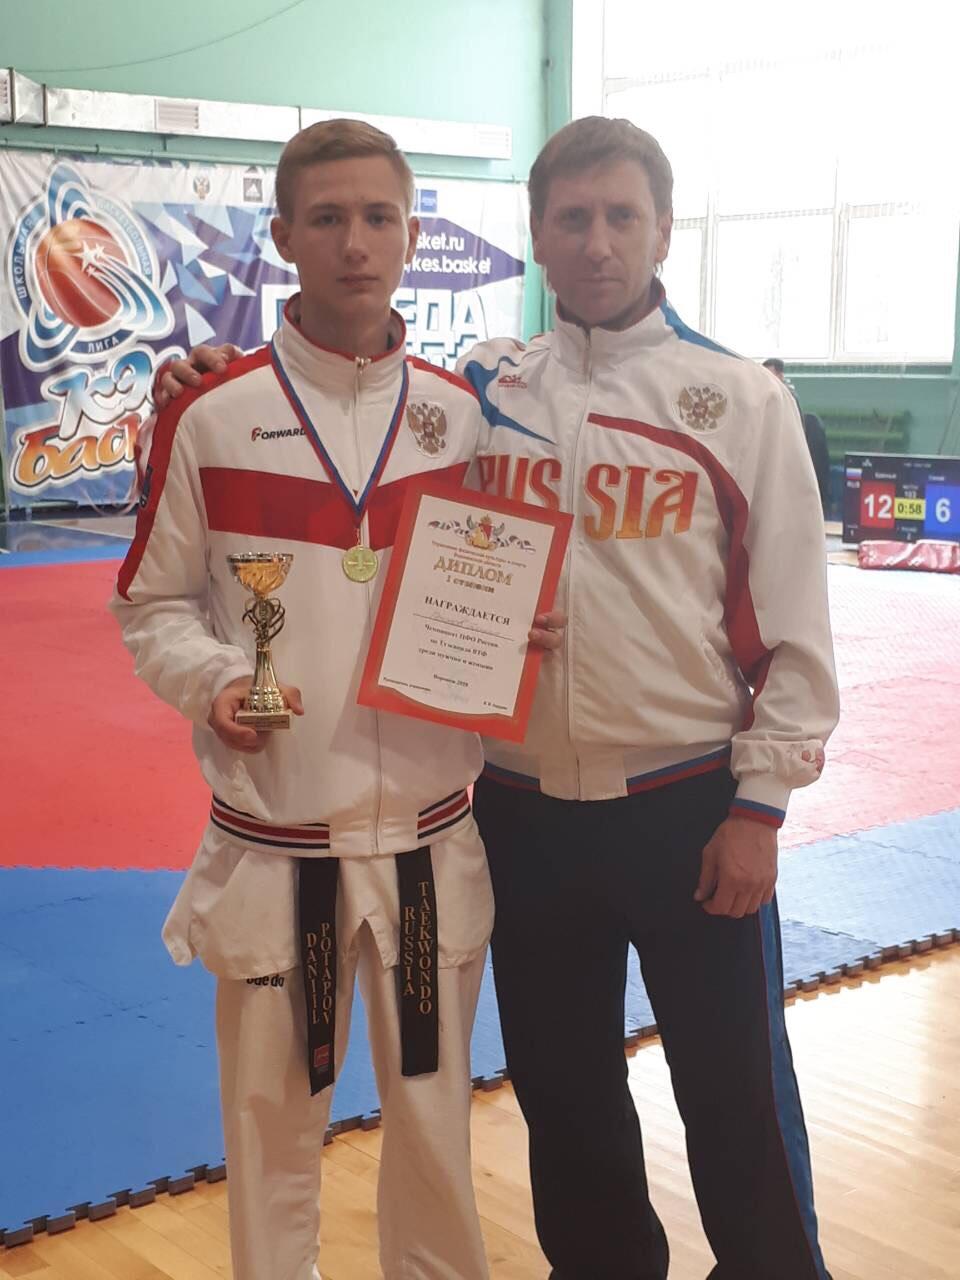 Рязанец завоевал золотую медаль чемпионата ЦФО